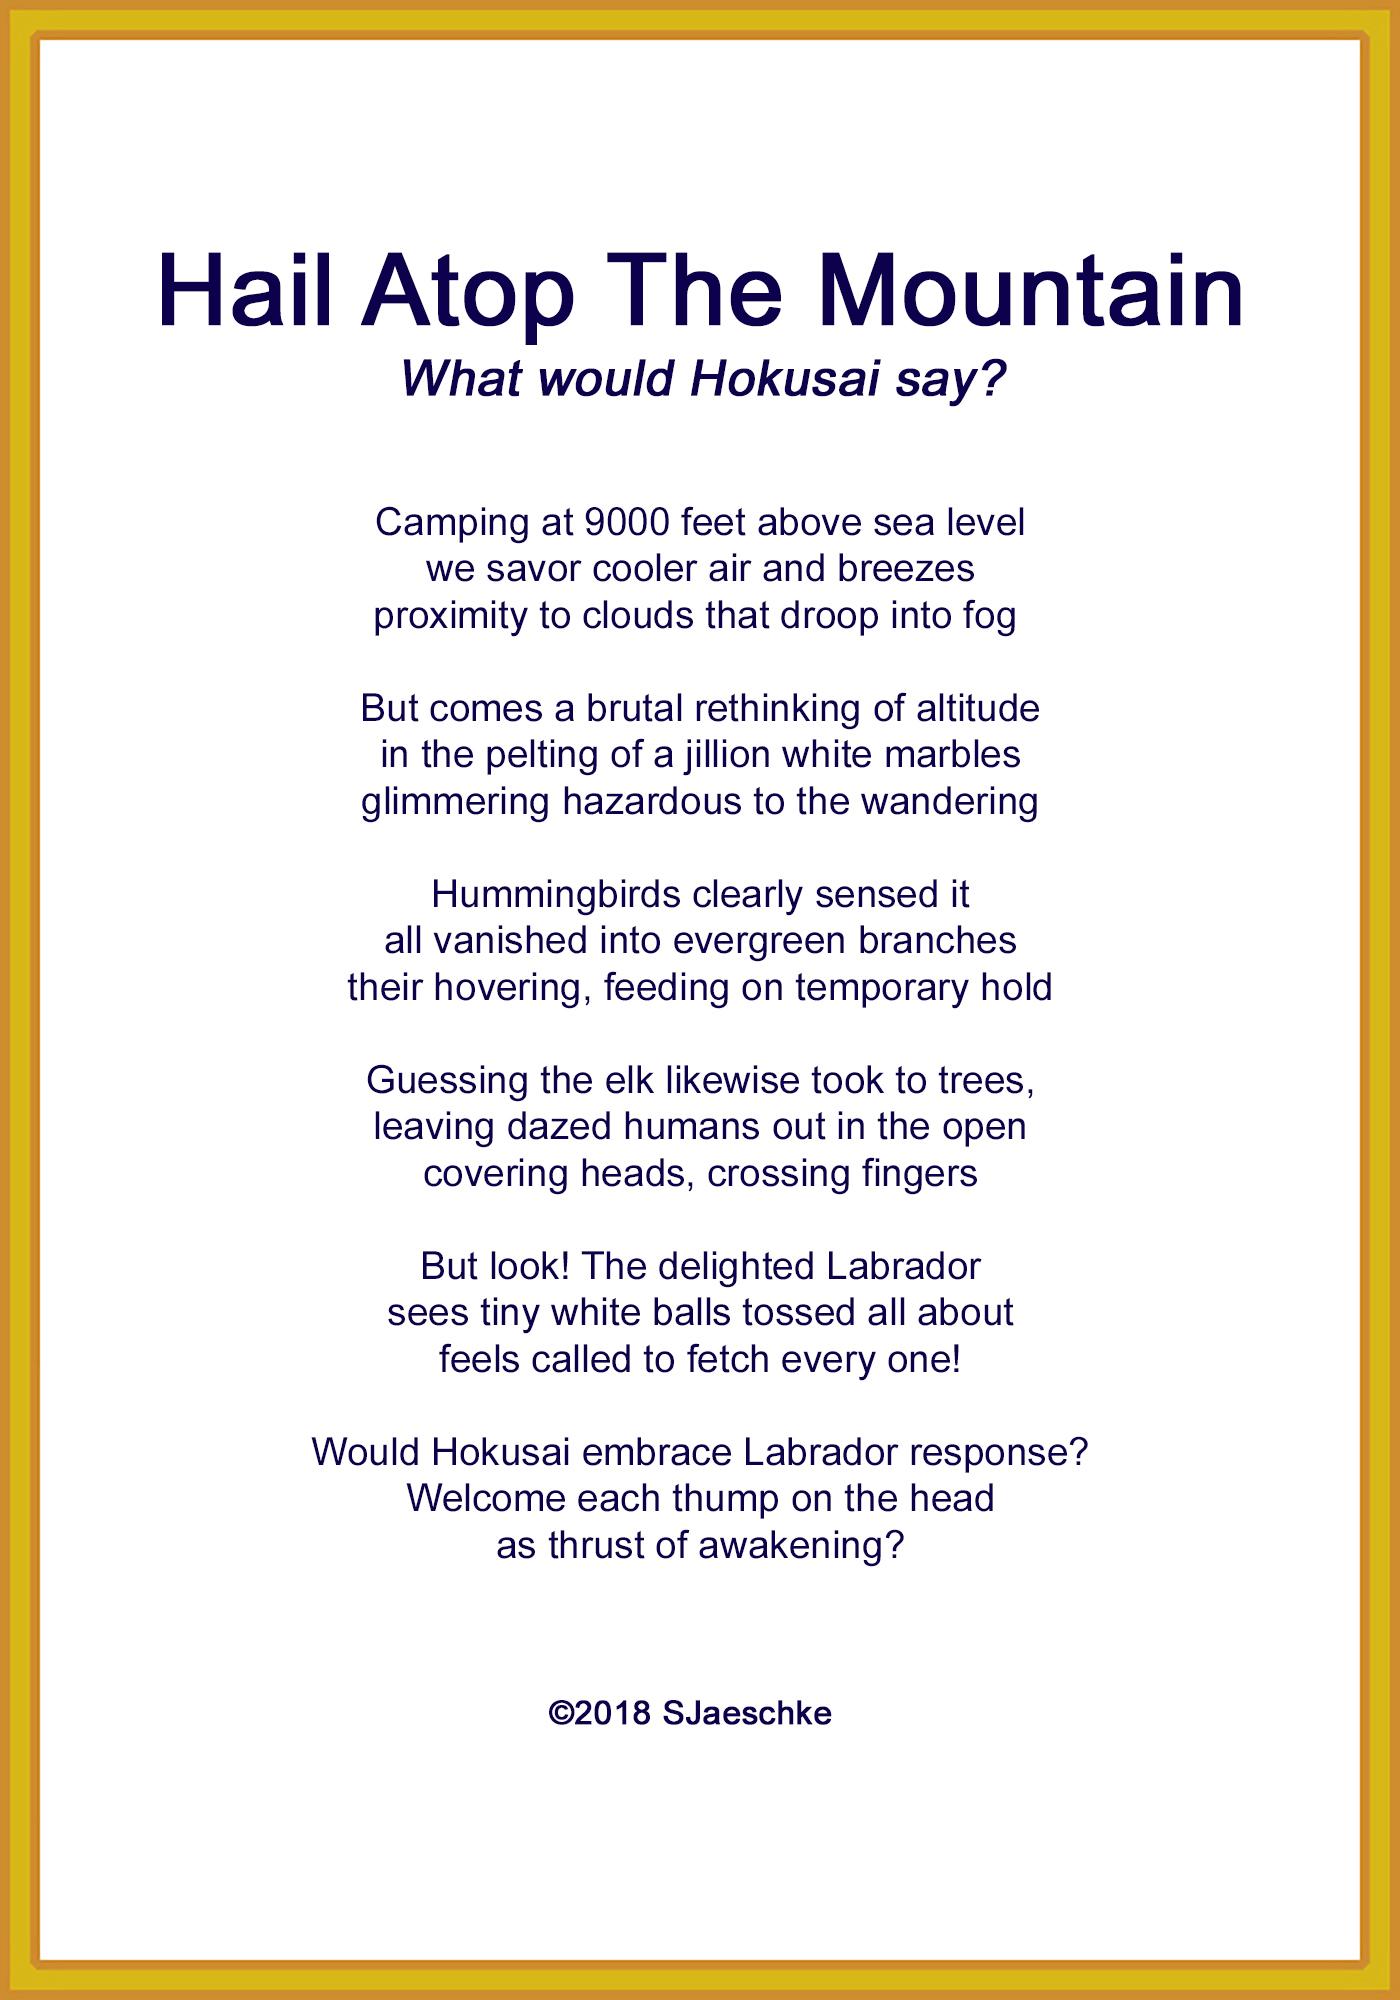 Post_2018-08-11_Poem_HailAtopMountain